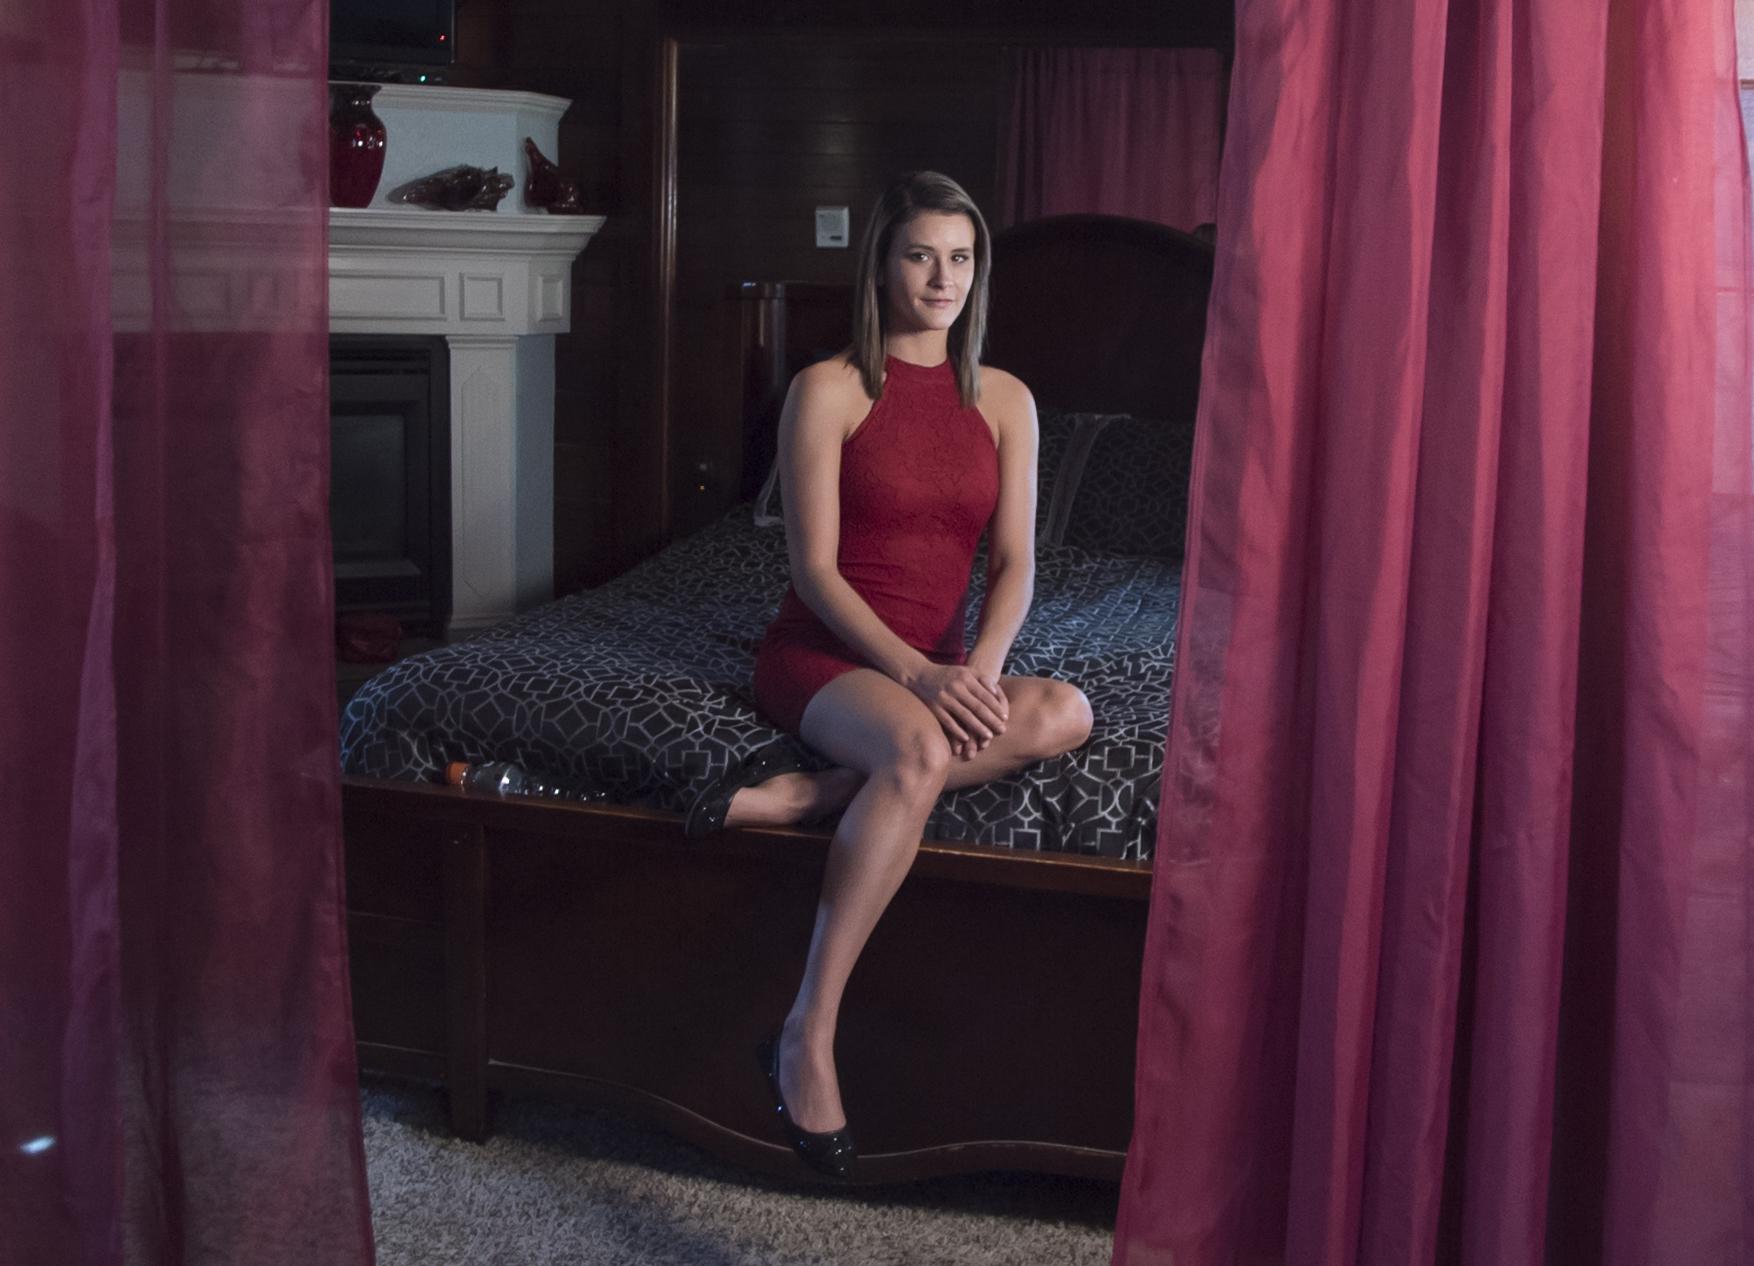 christina milian sex scene